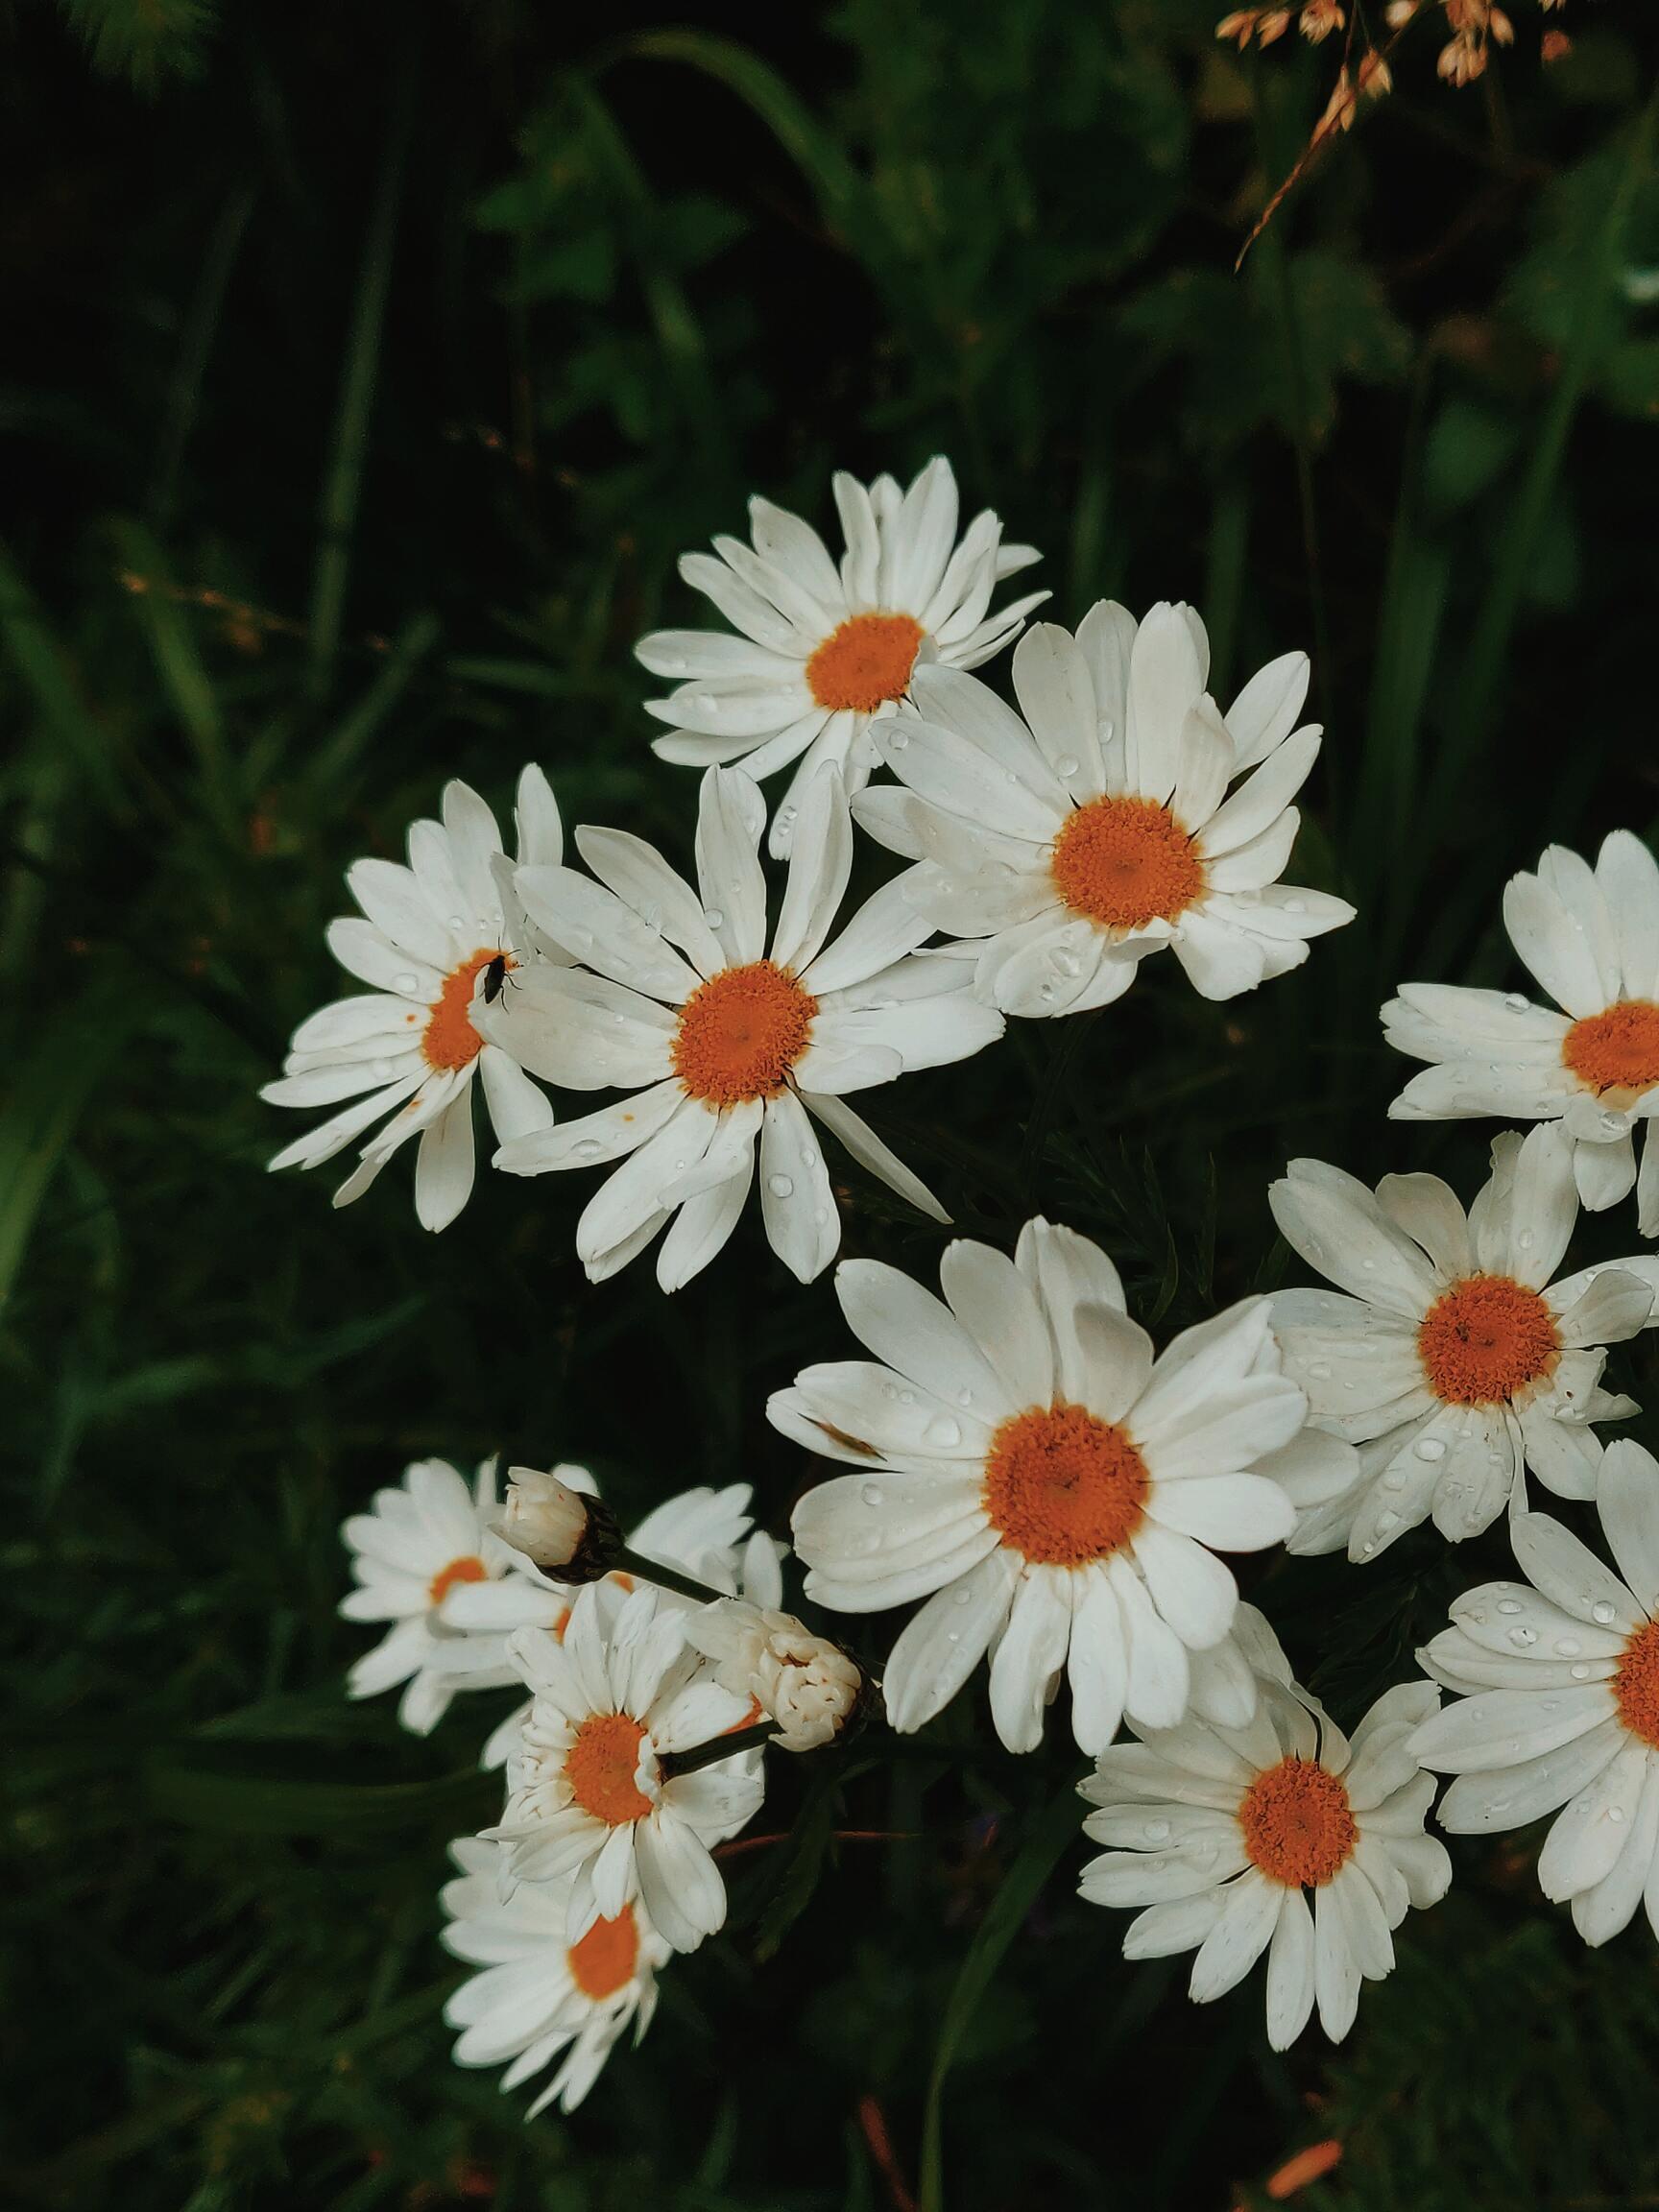 Ảnh hoa cúc mọc dại đẹp nhất